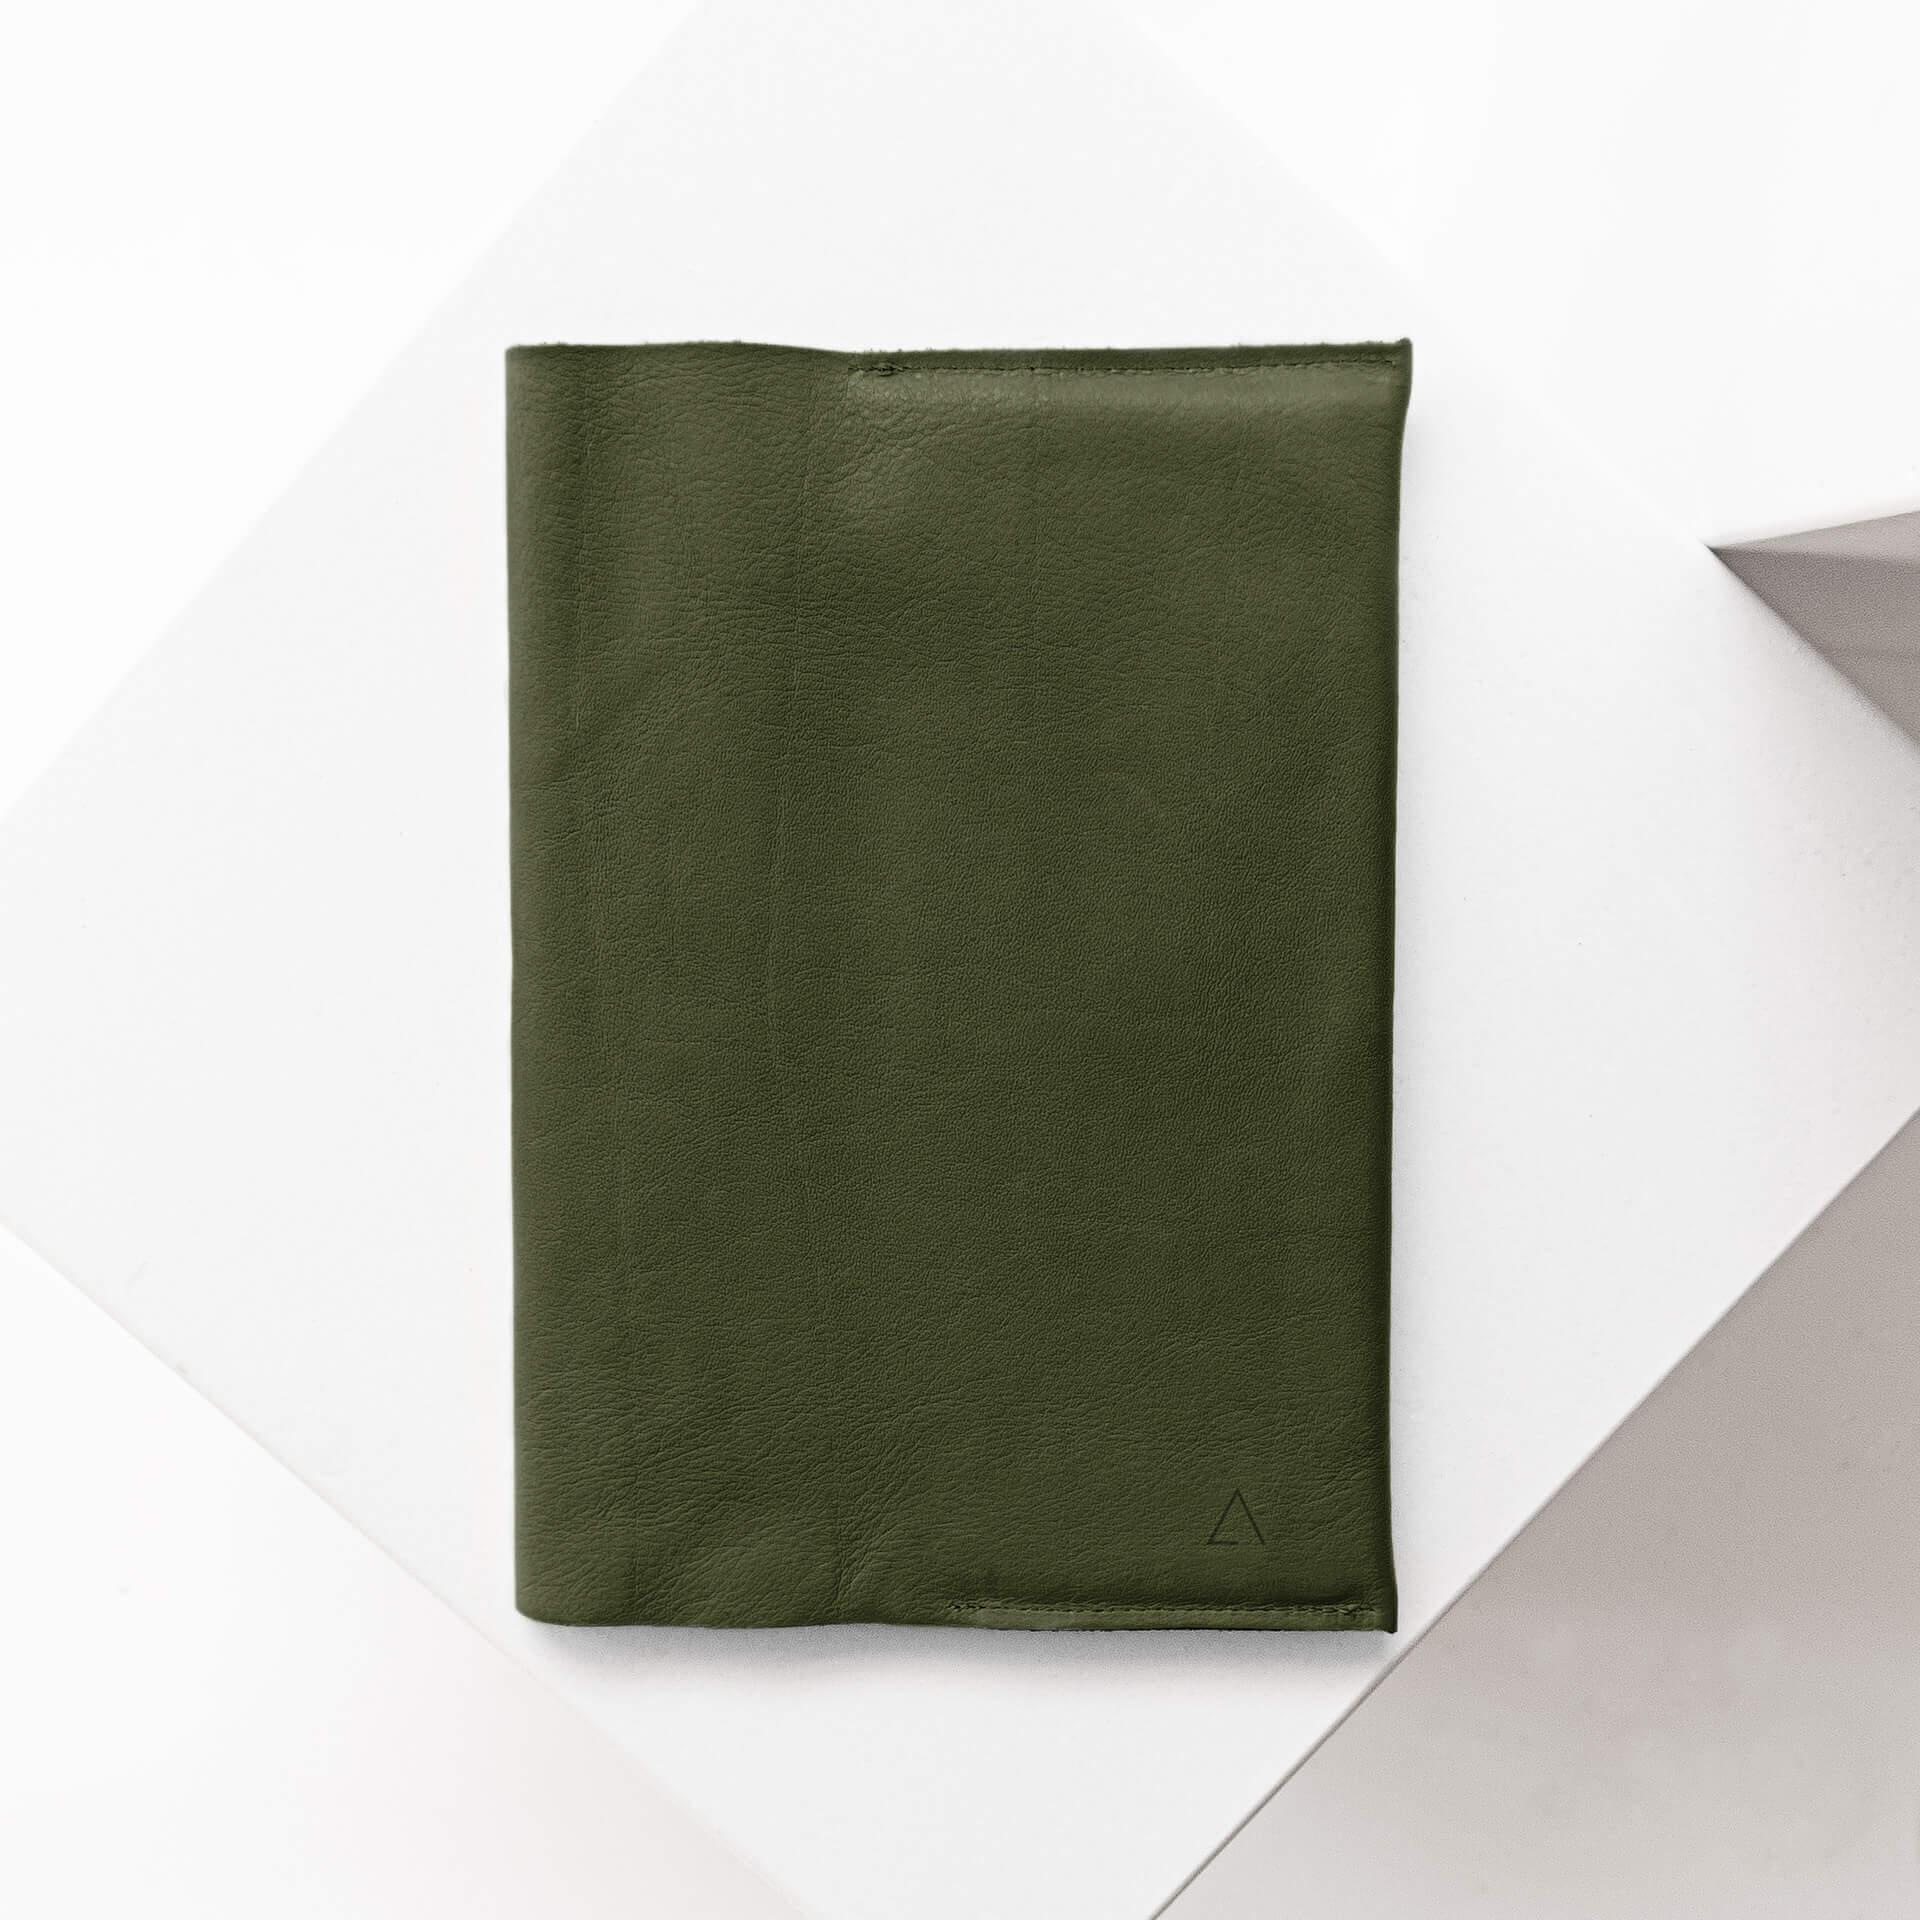 U-Hefthülle EVE aus nachhaltigem Naturleder in Oliv mit dezenter Logoprägung